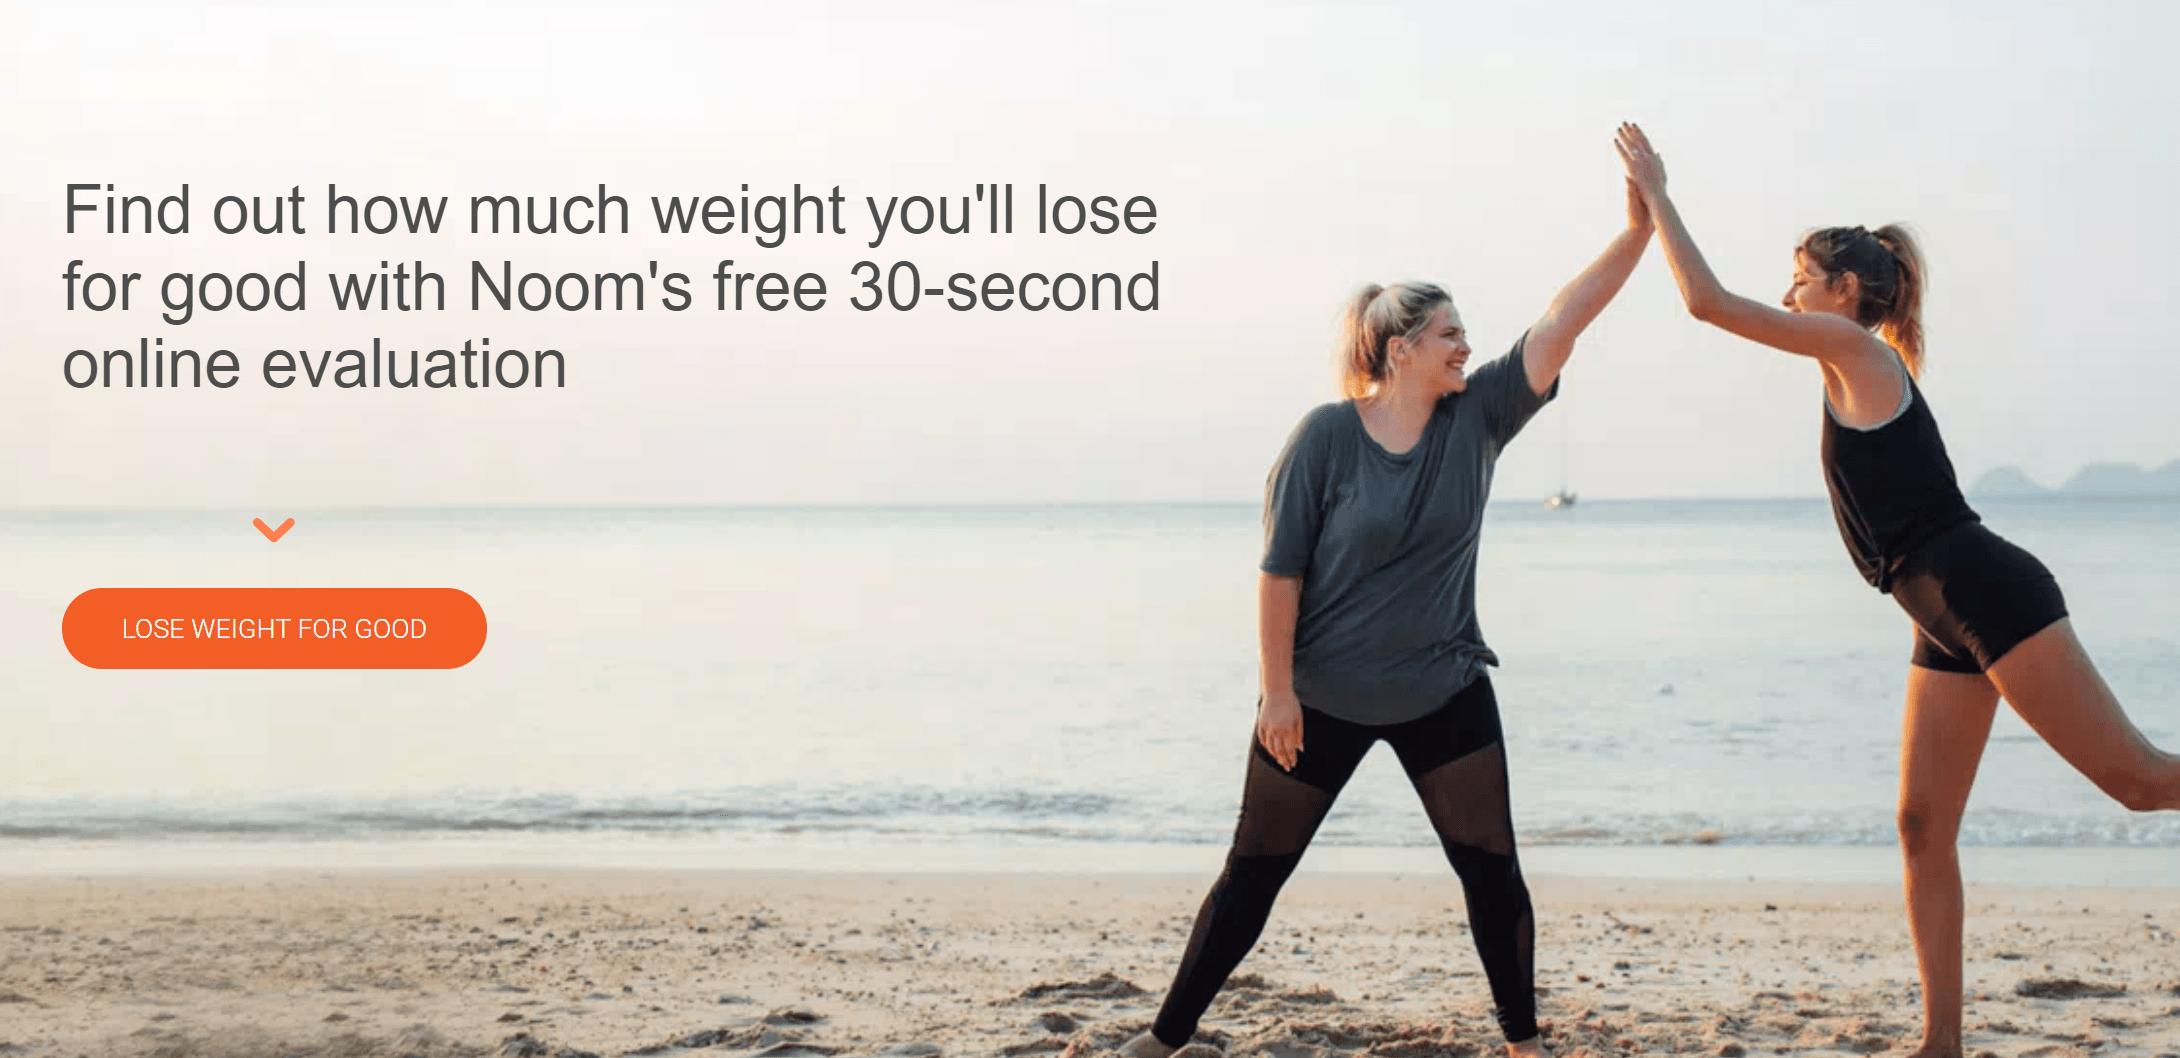 Novo Nordisk, Noom Partner on Digital Health Solutions for Obesity